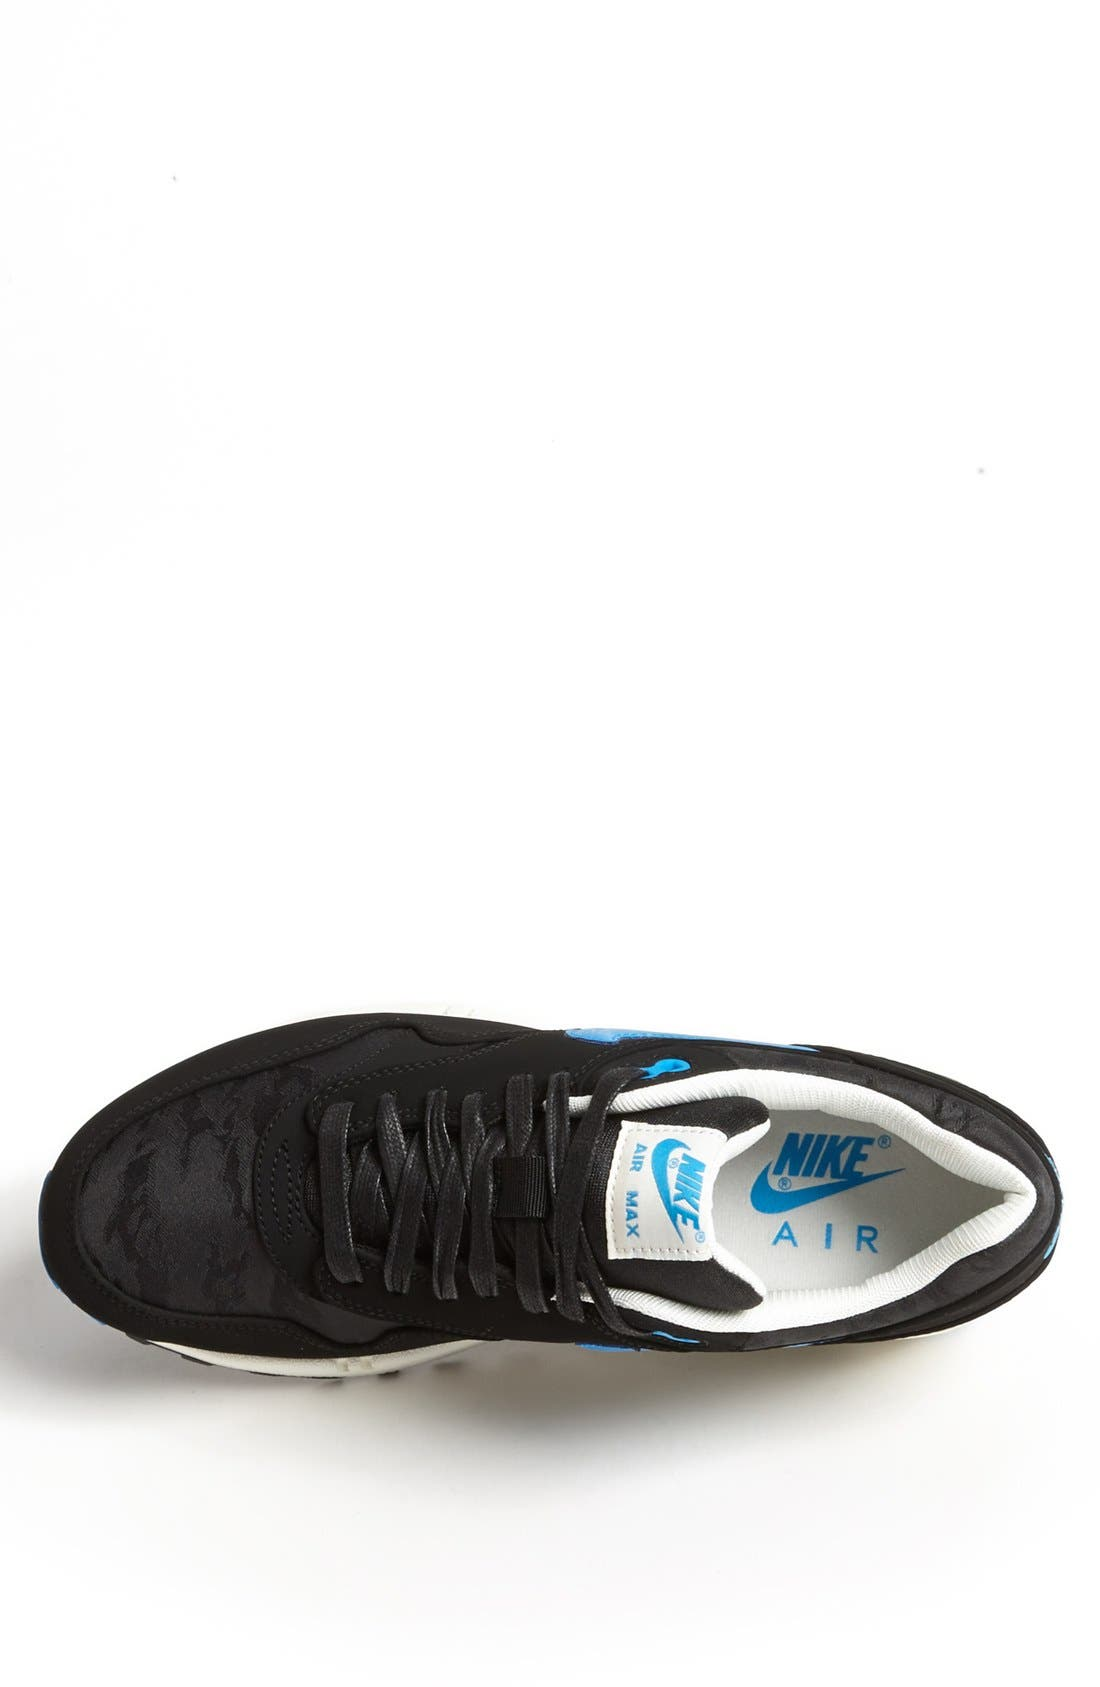 Alternate Image 3  - Nike 'Air Max 1 Premium' Sneaker (Men)